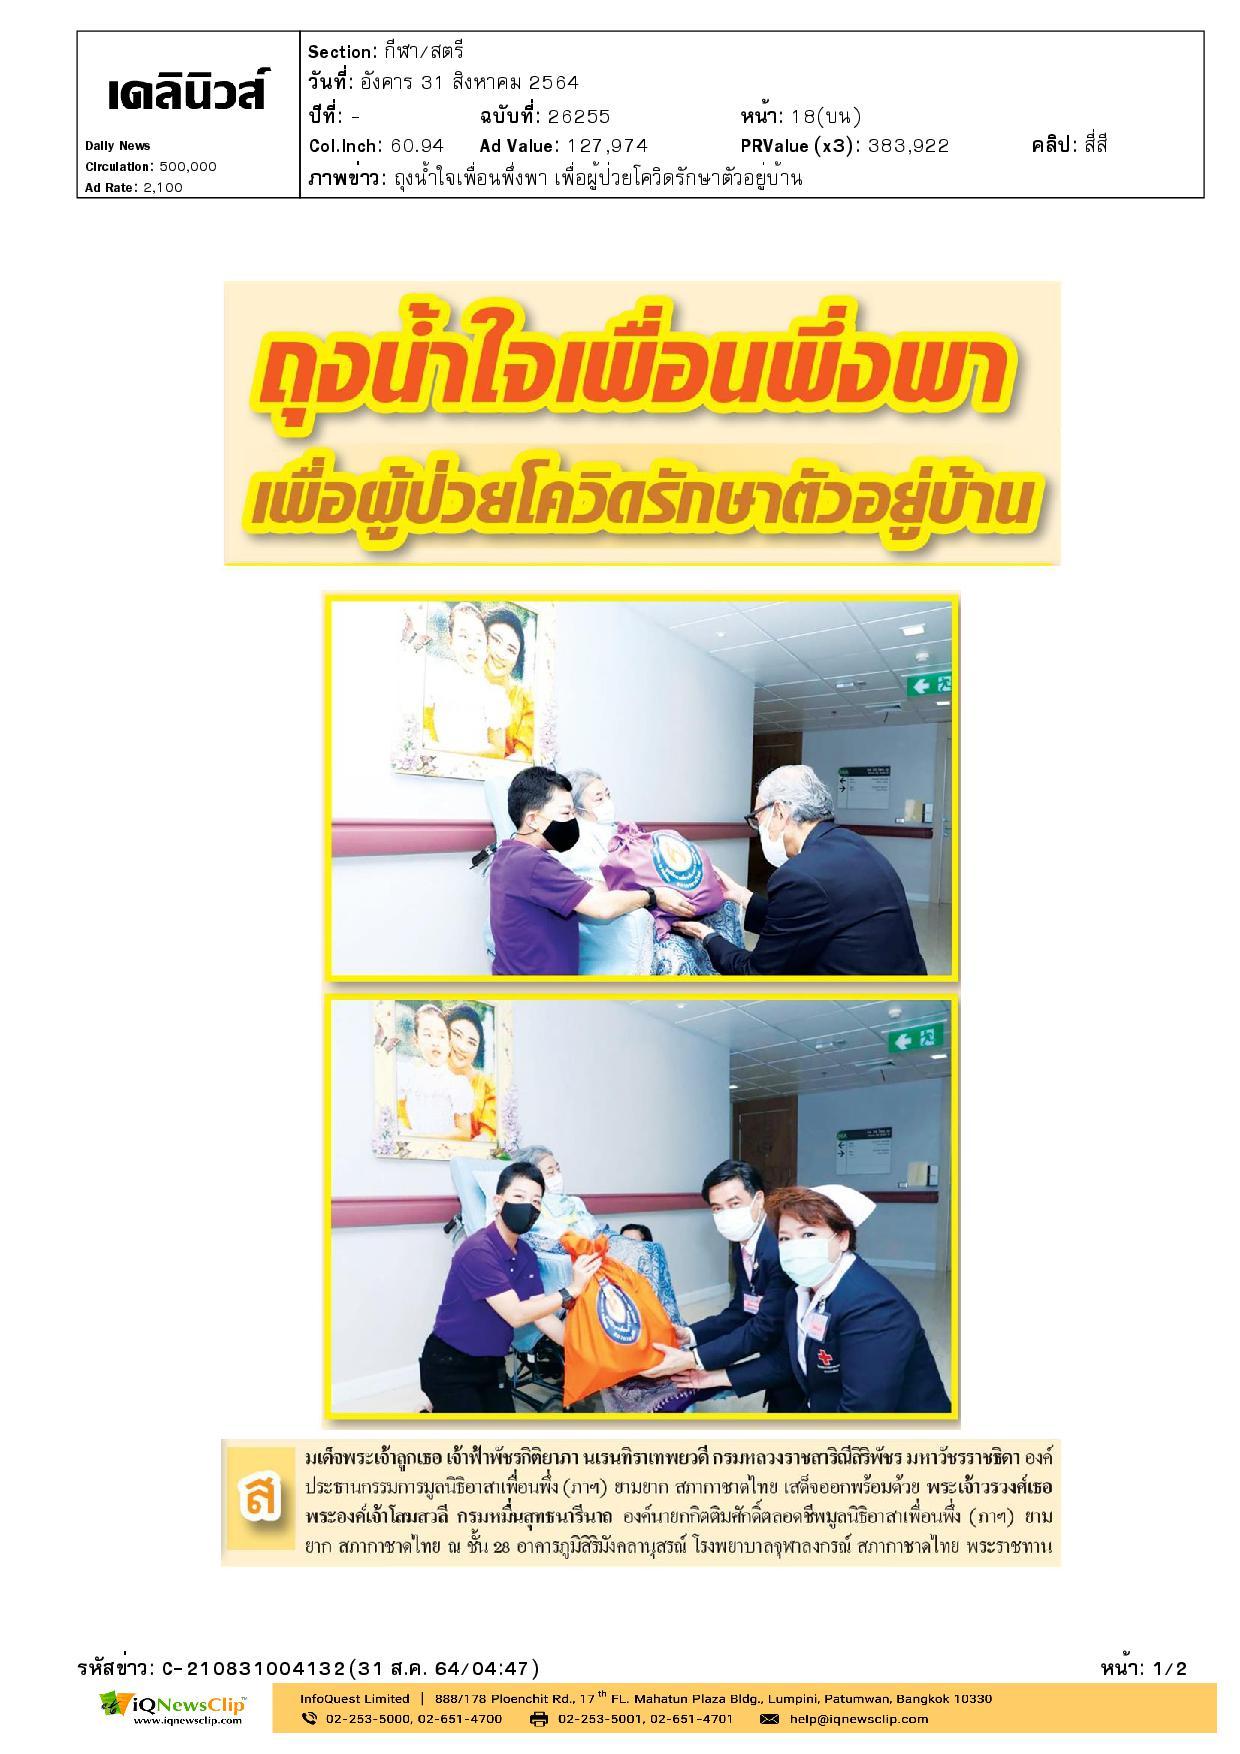 ถุงน้ำใจพึ่งพา สำหรับผู้ป่วยติดเชื้อไวรัสโควิด-19